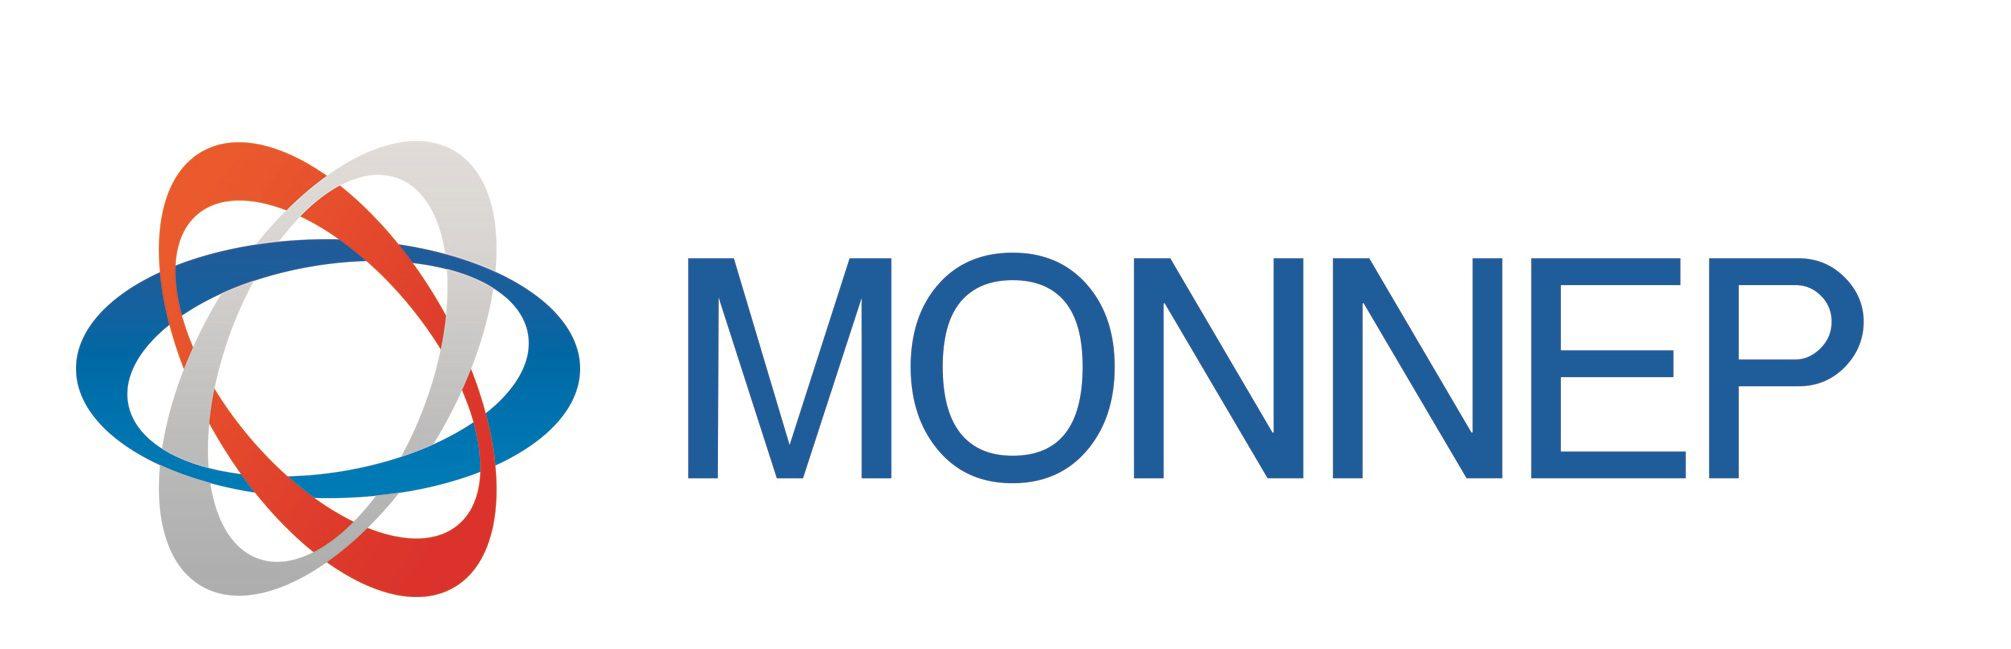 Monnep LLC